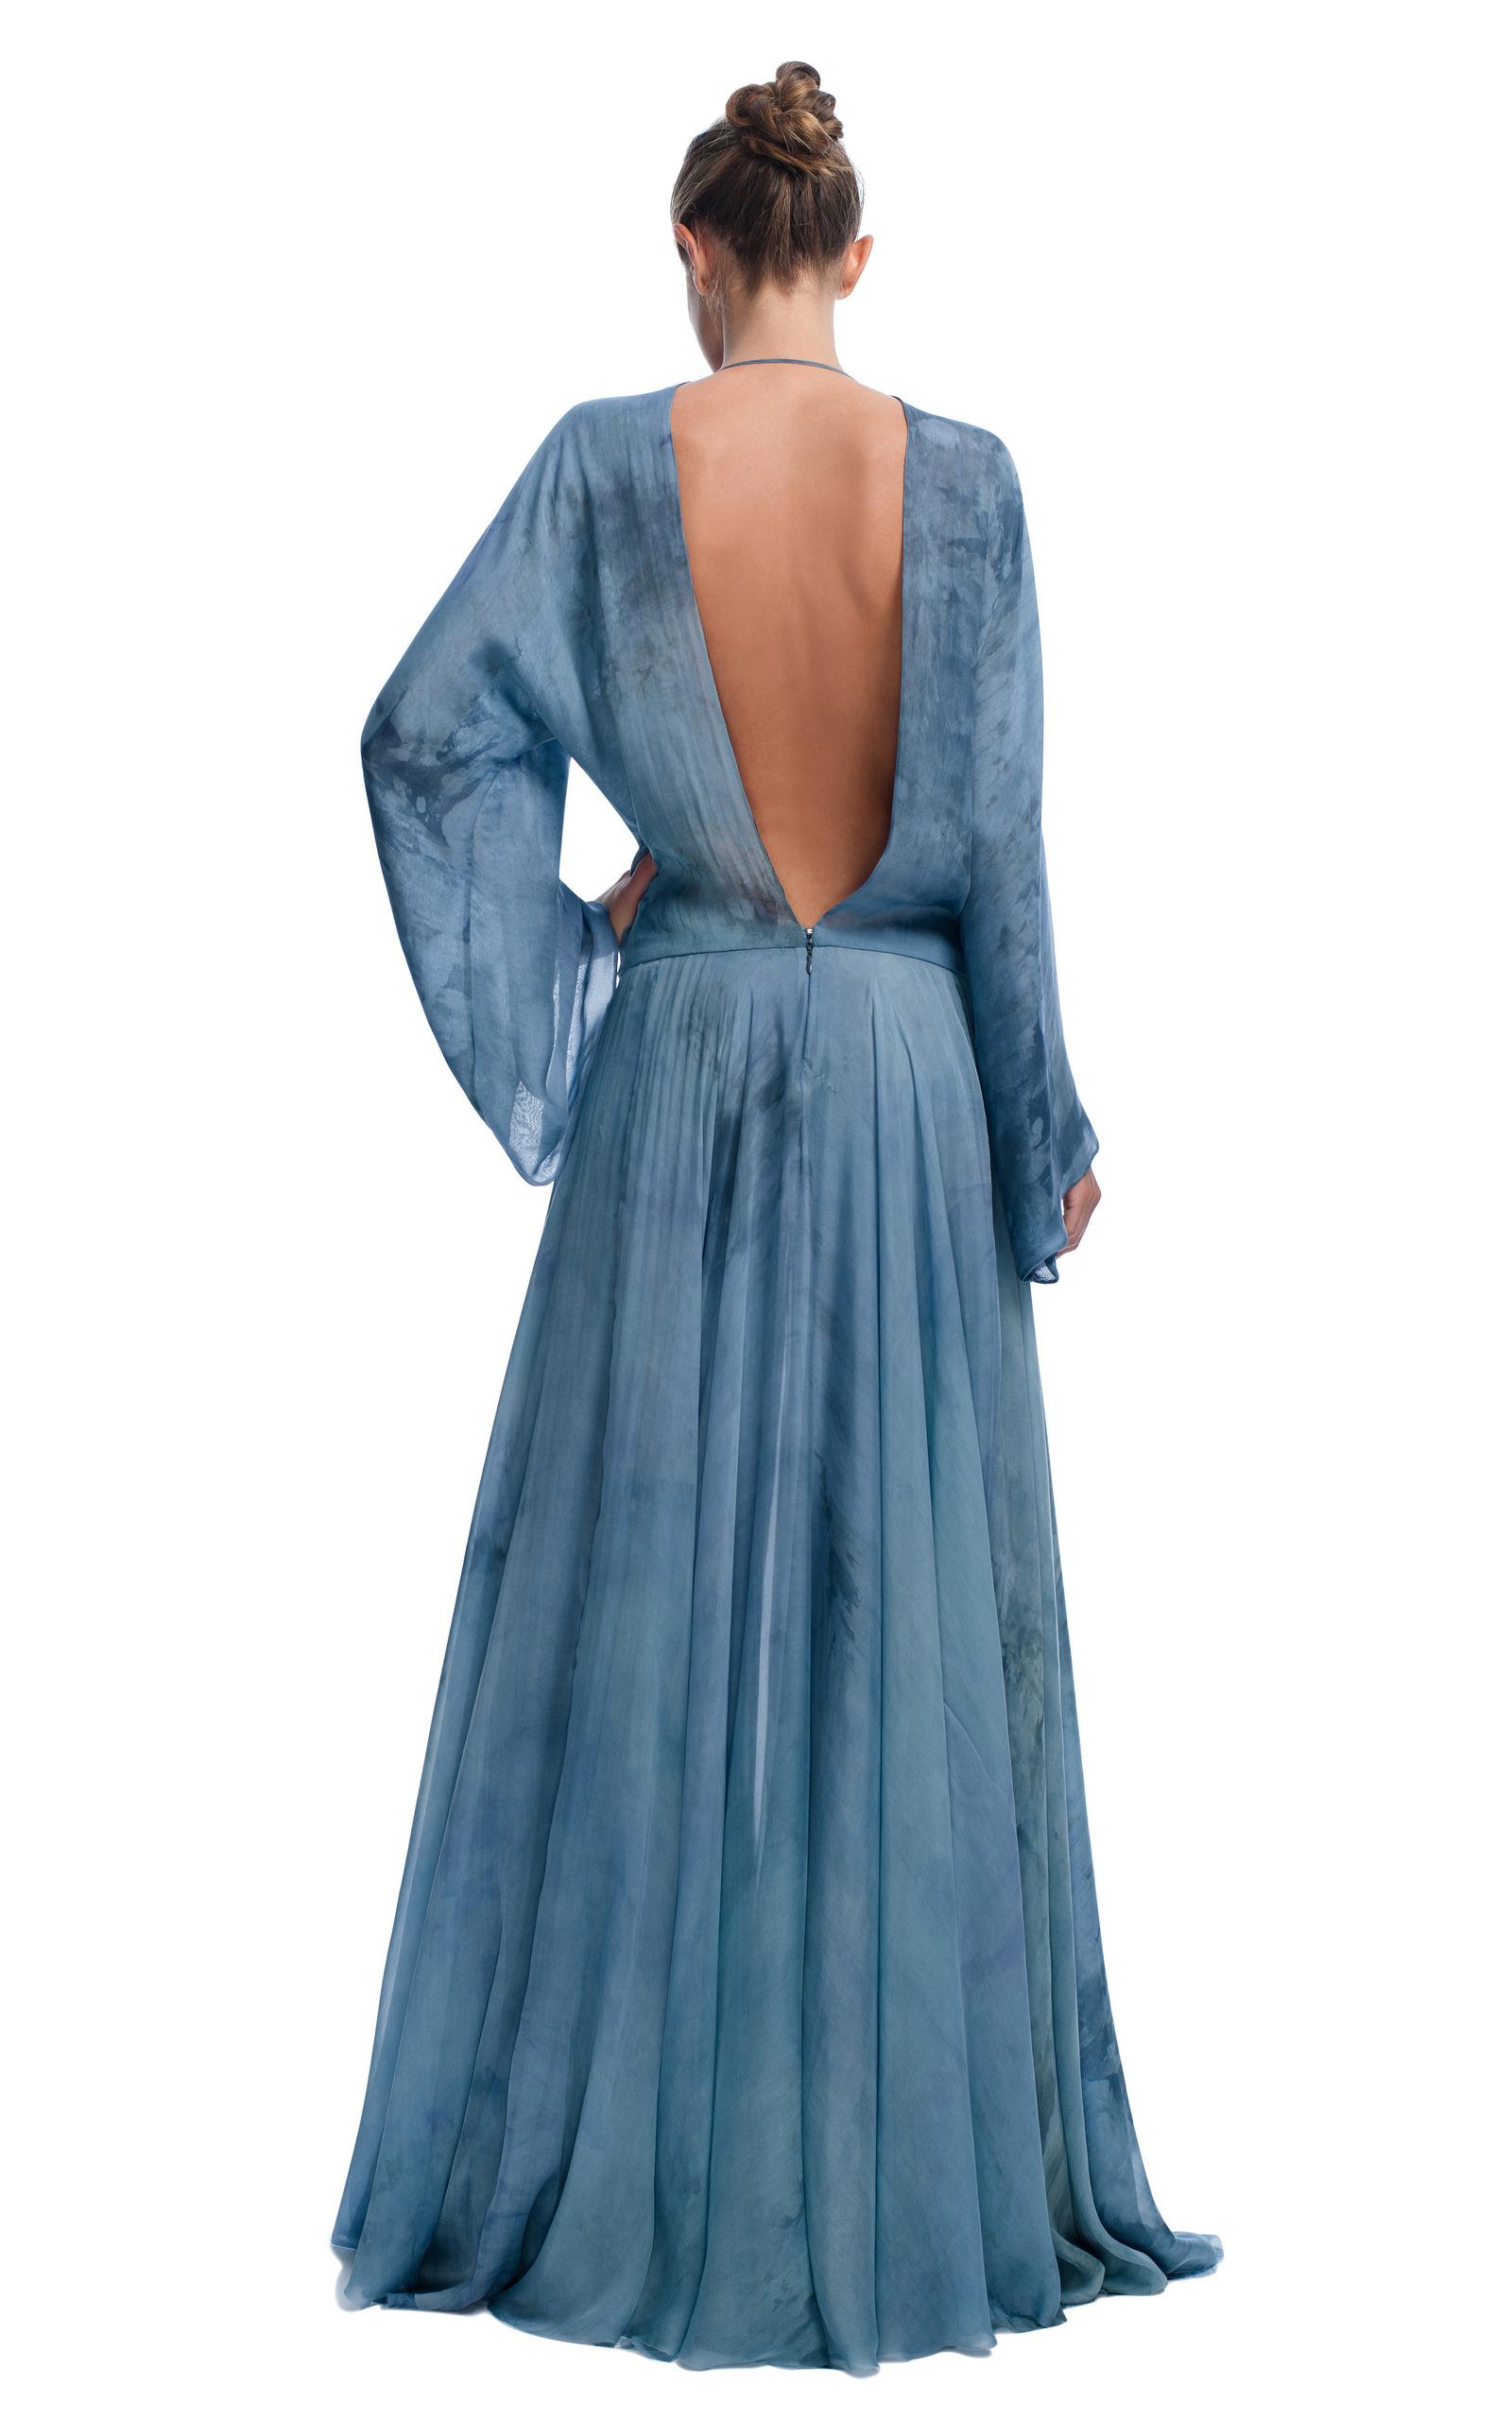 Tie Dye Slate Evening Gown By Versace Moda Operandi